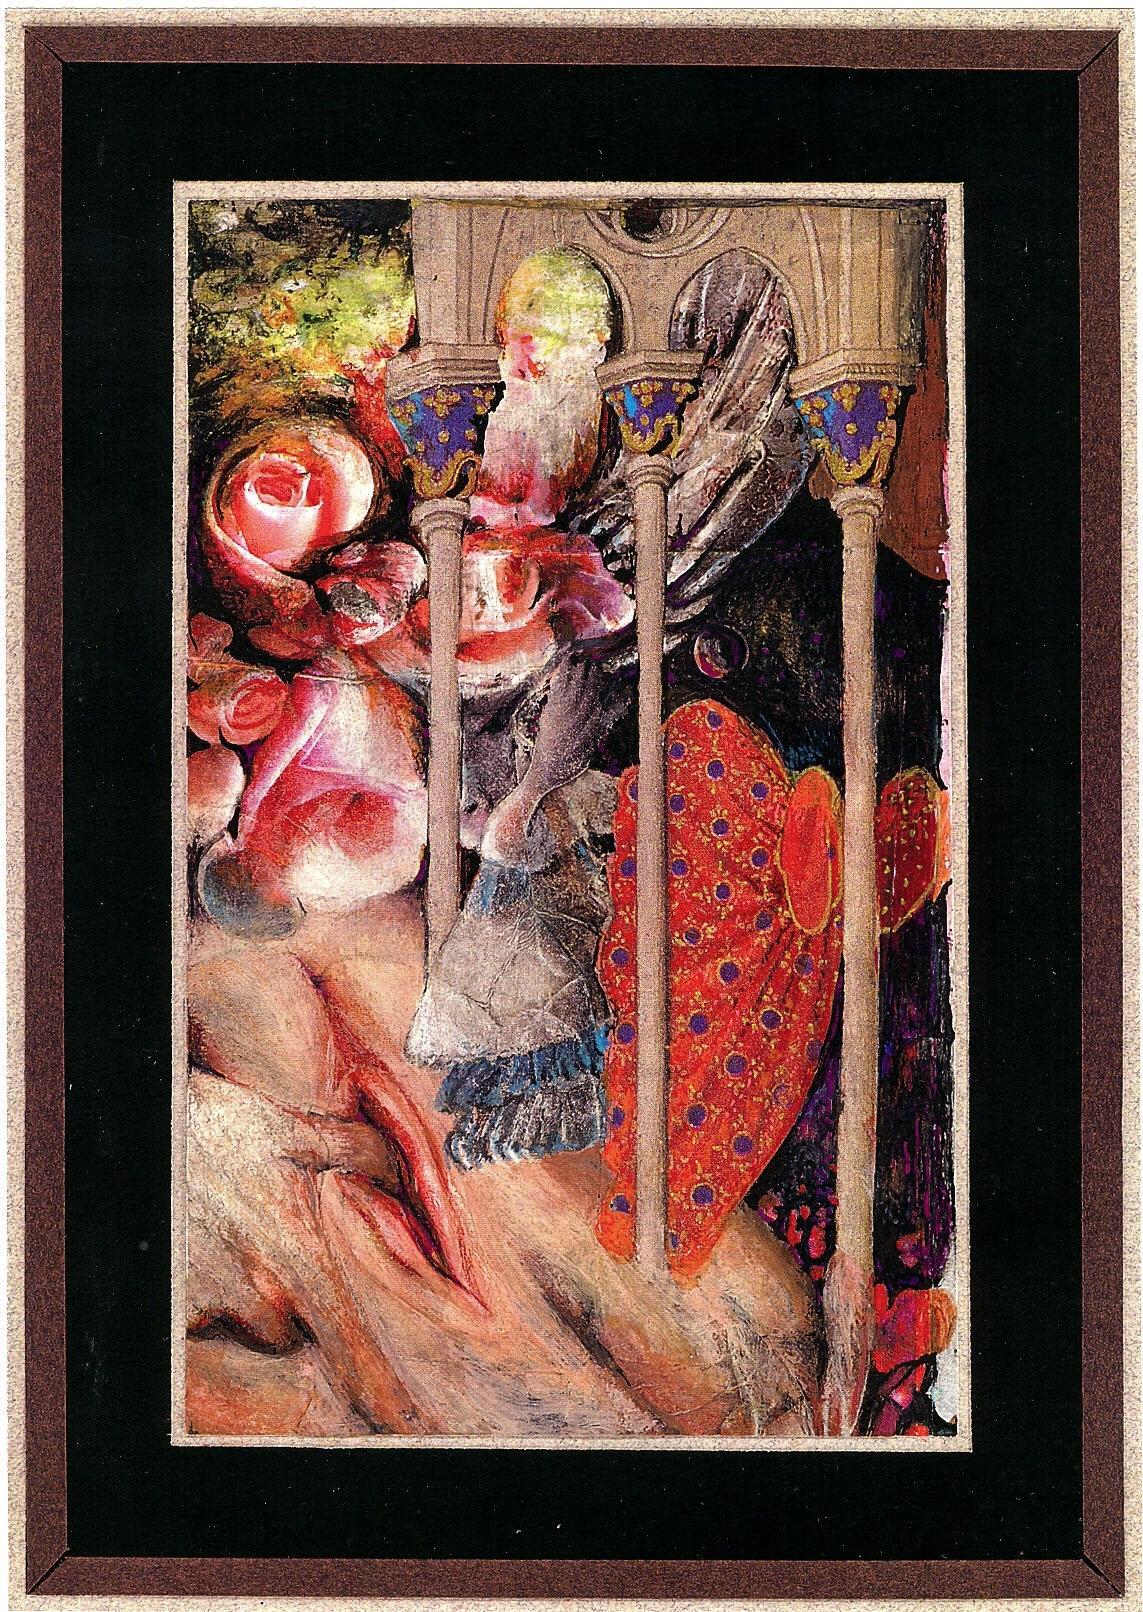 Vicarus (10.4 x 16) Collection particulière